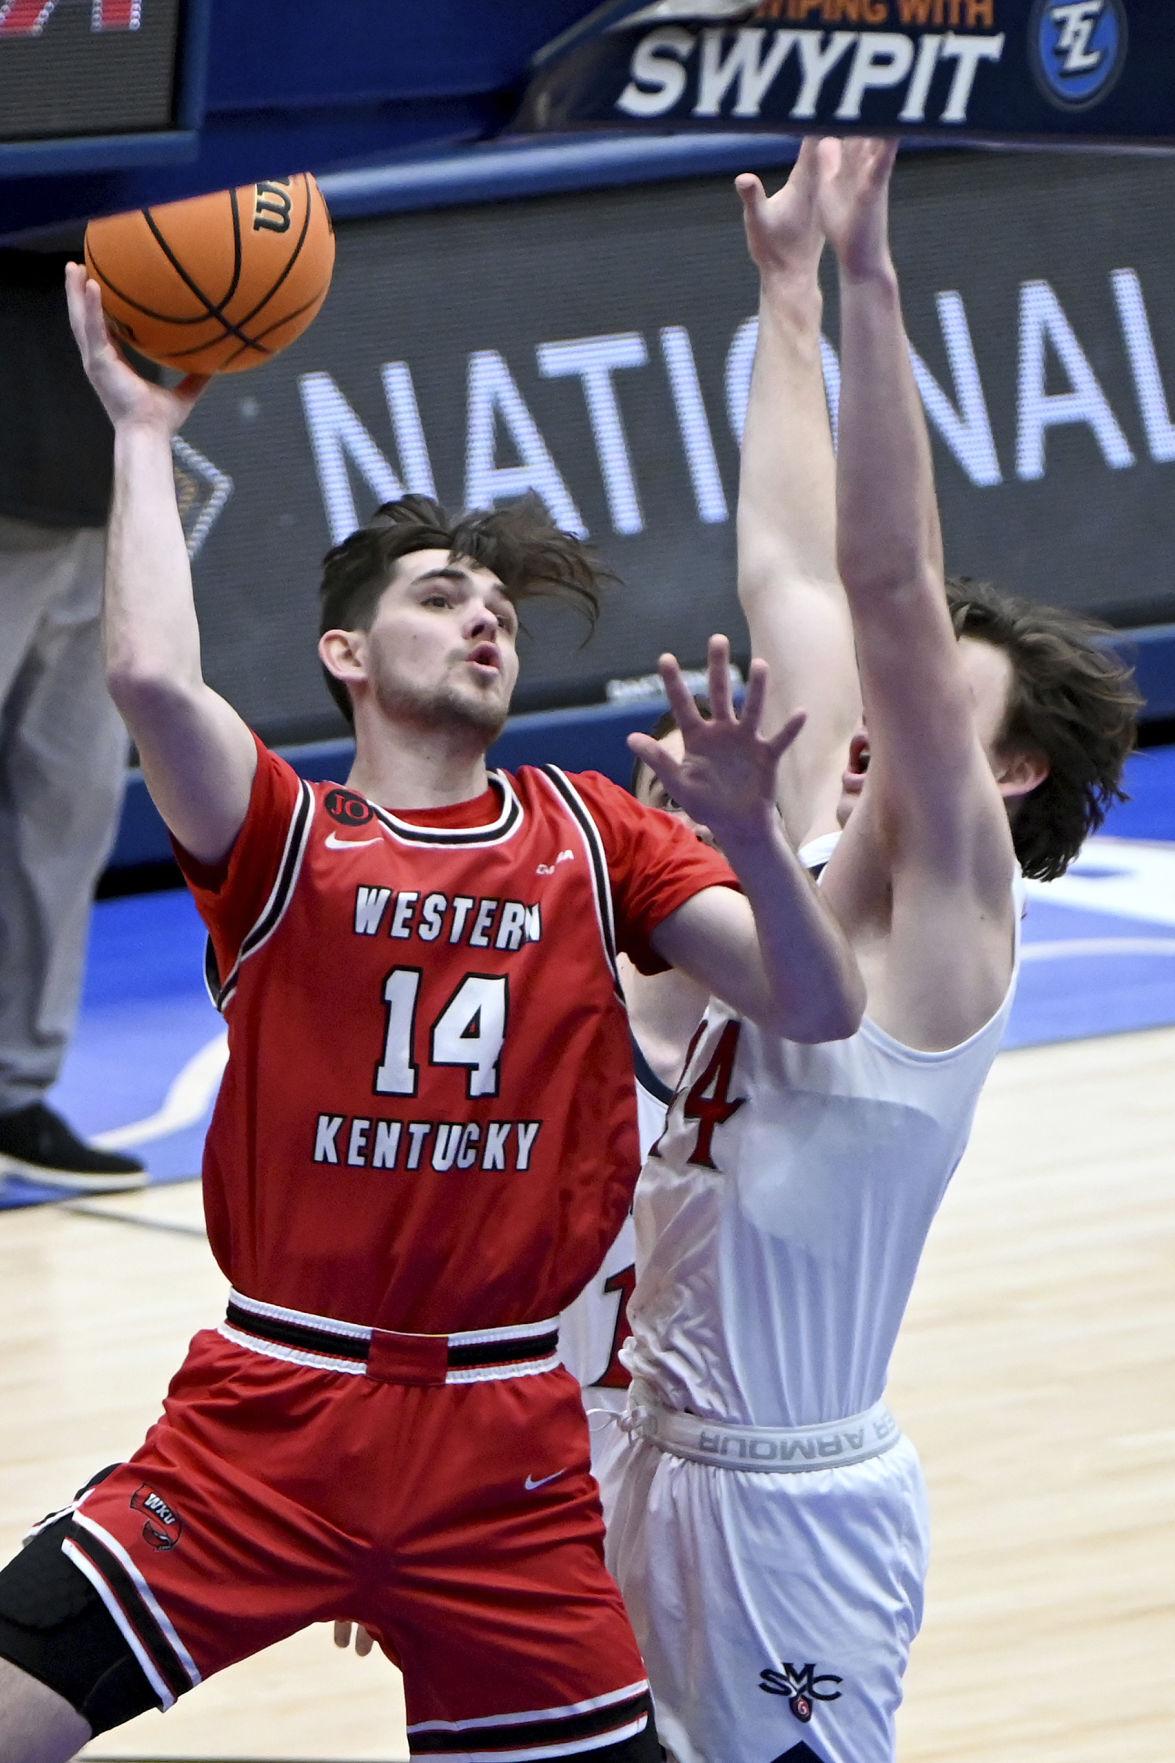 NIT W Kentucky St. Marys Basketball